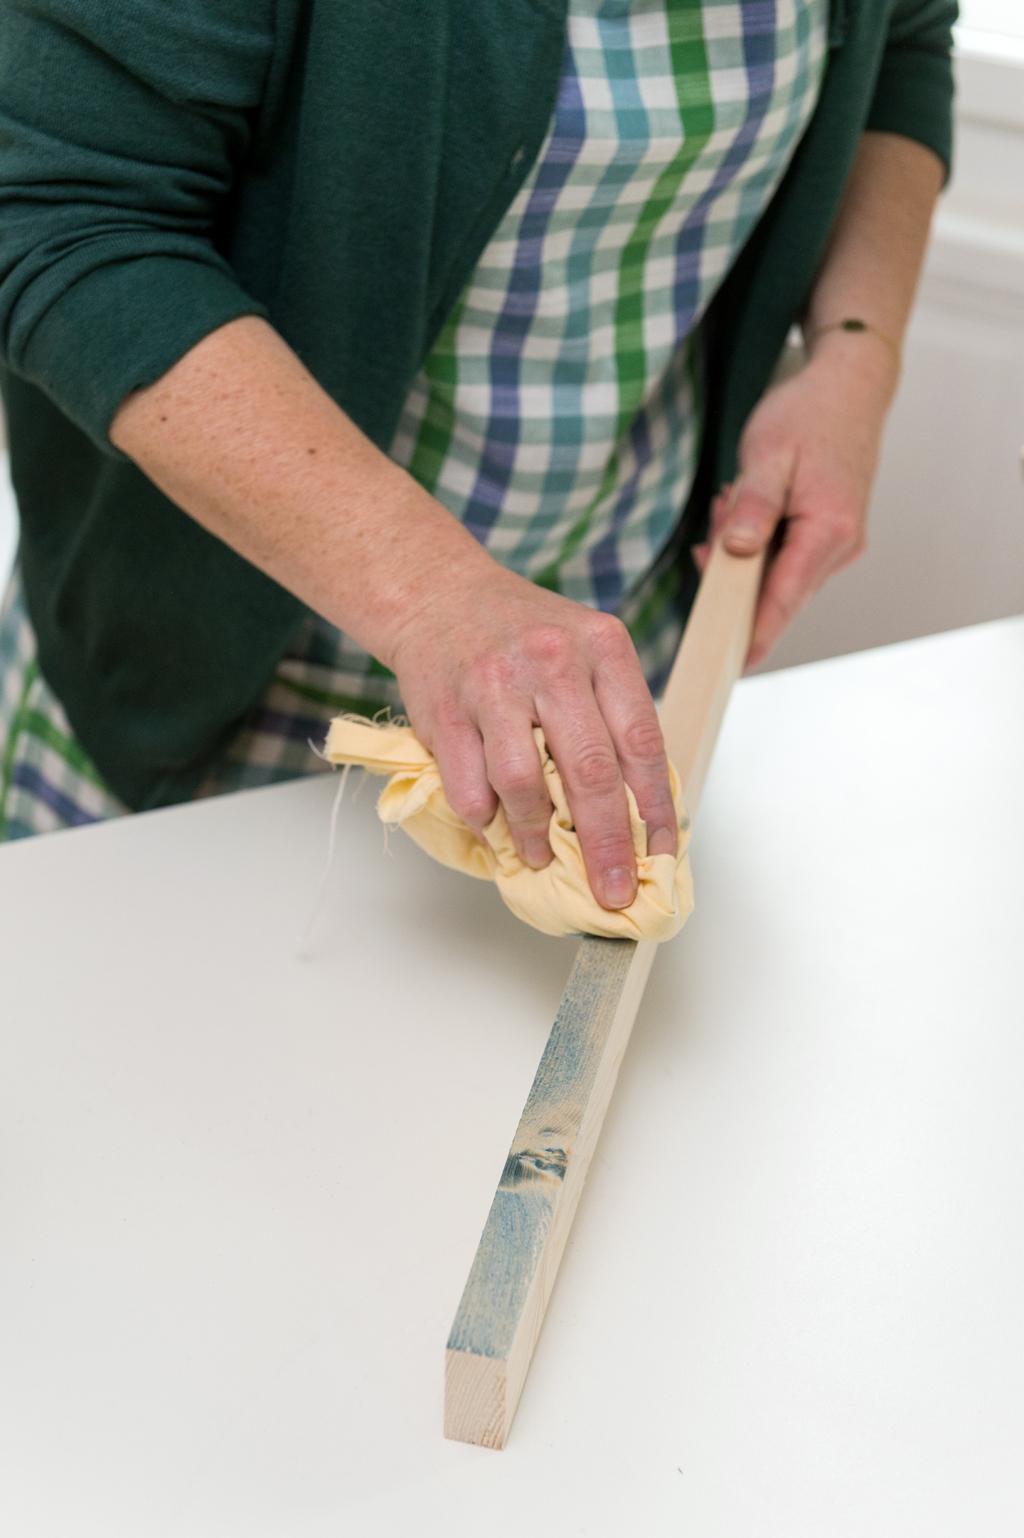 fabriquer une table basse avec des planches diy family. Black Bedroom Furniture Sets. Home Design Ideas